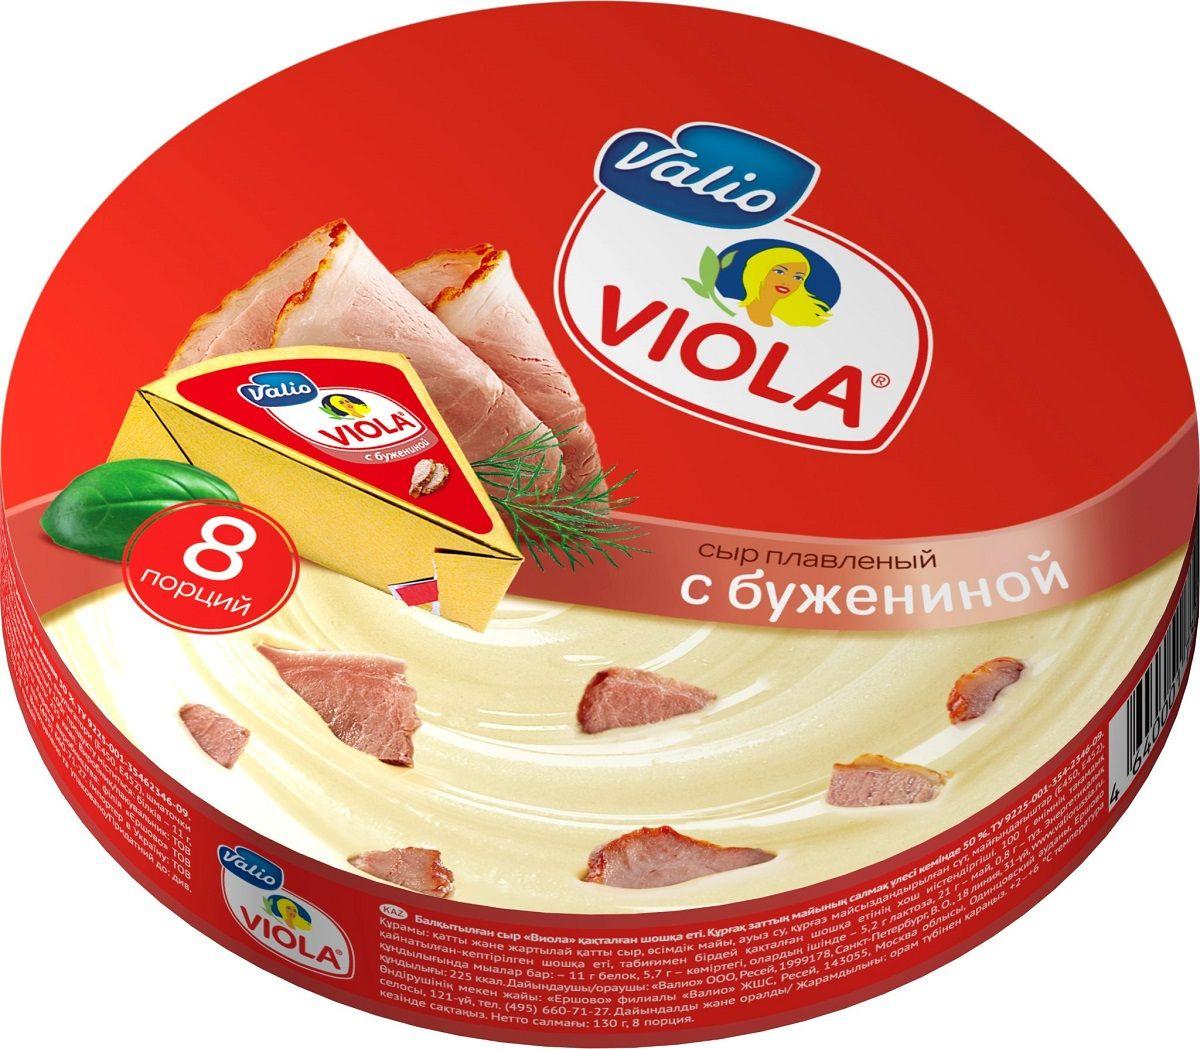 Valio Viola Сыр с бужениной, плавленый, 130 г valio viola сыр сливочный плавленый в ломтиках 140 г